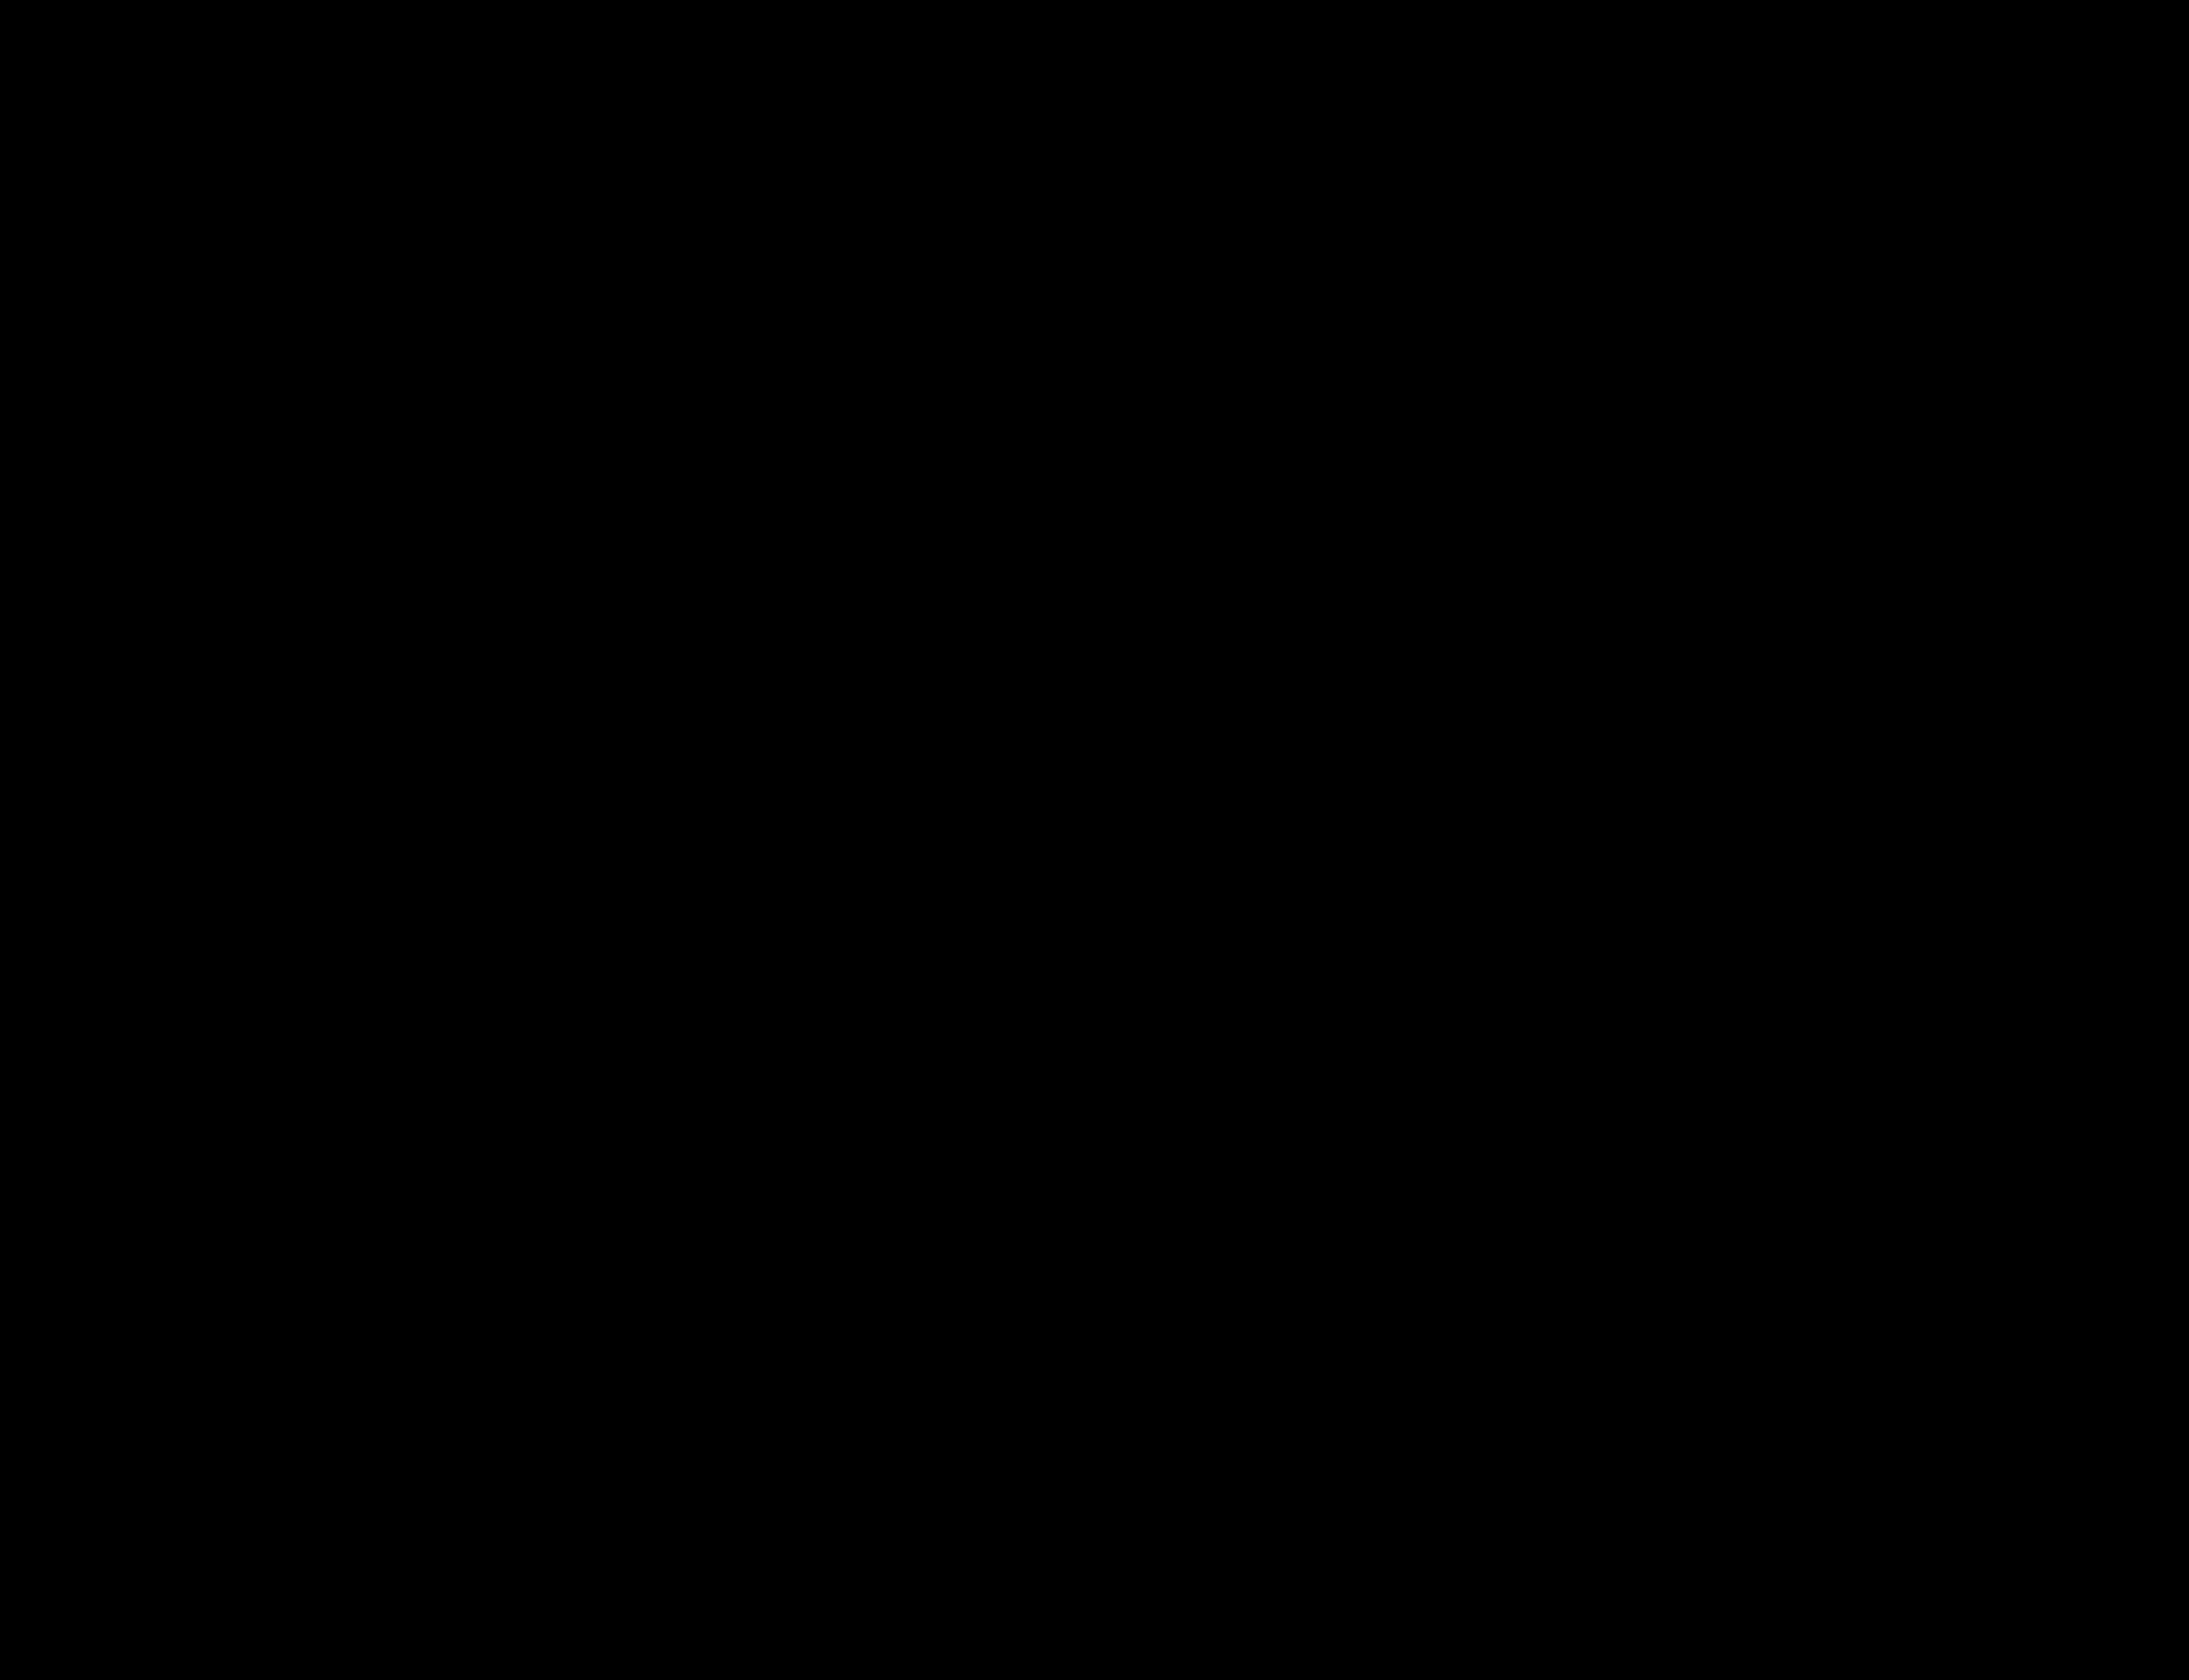 Amino-dPEG®₂₄-Tris(-dPEG®₂₄-Tris(m-dPEG®₂₄)₃)₃